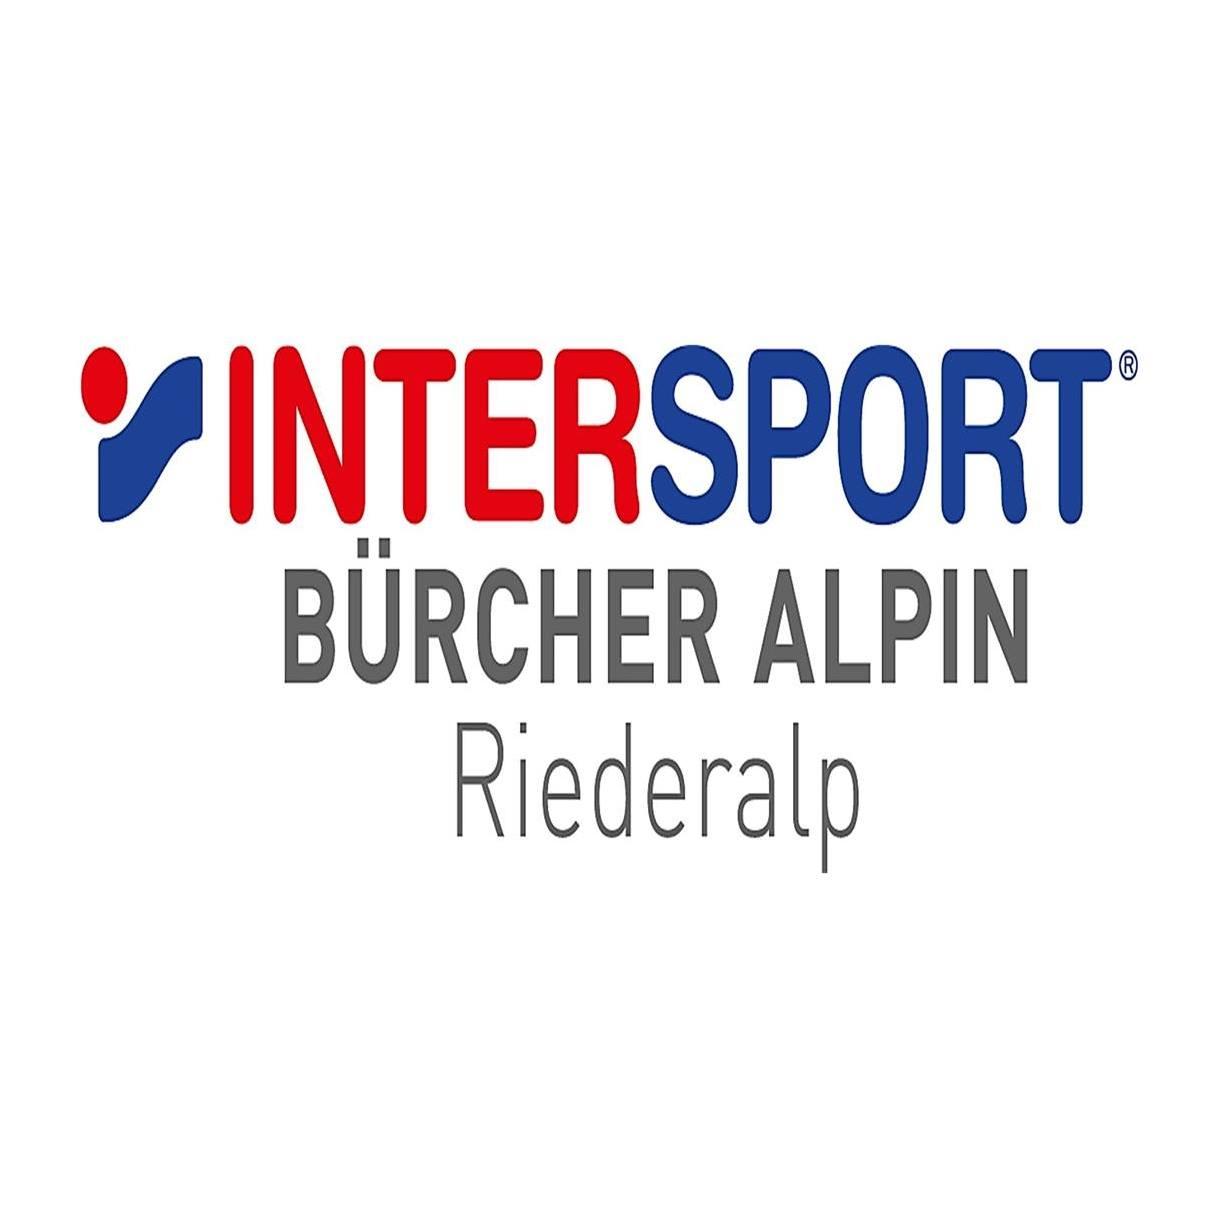 Intersport Bürcher Alpin